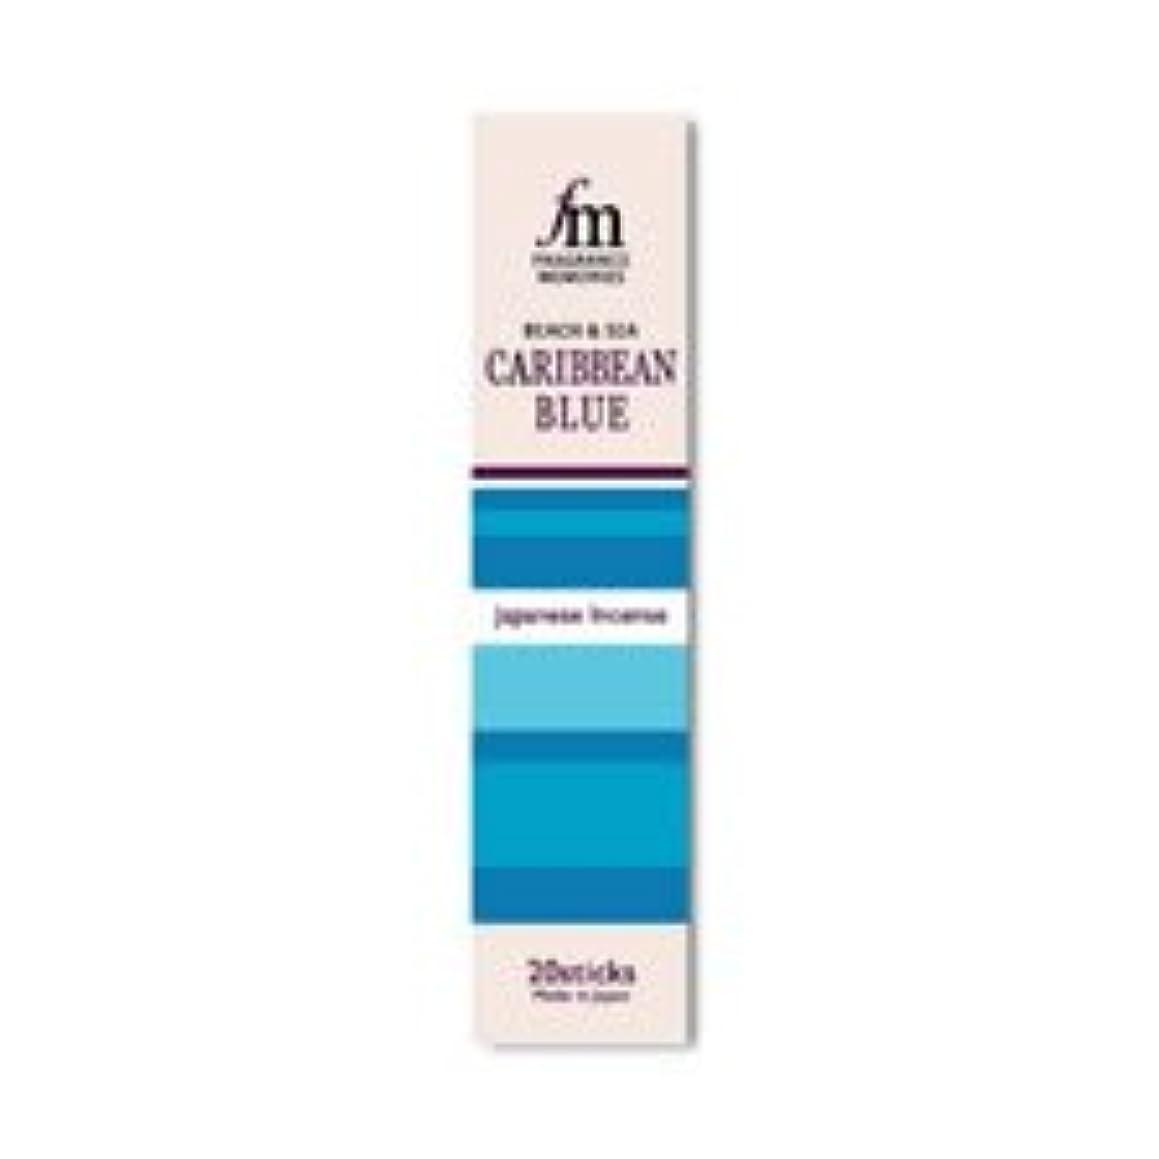 シンク突き刺す光景Fragrance Memoriesお香: Caribbean Blue